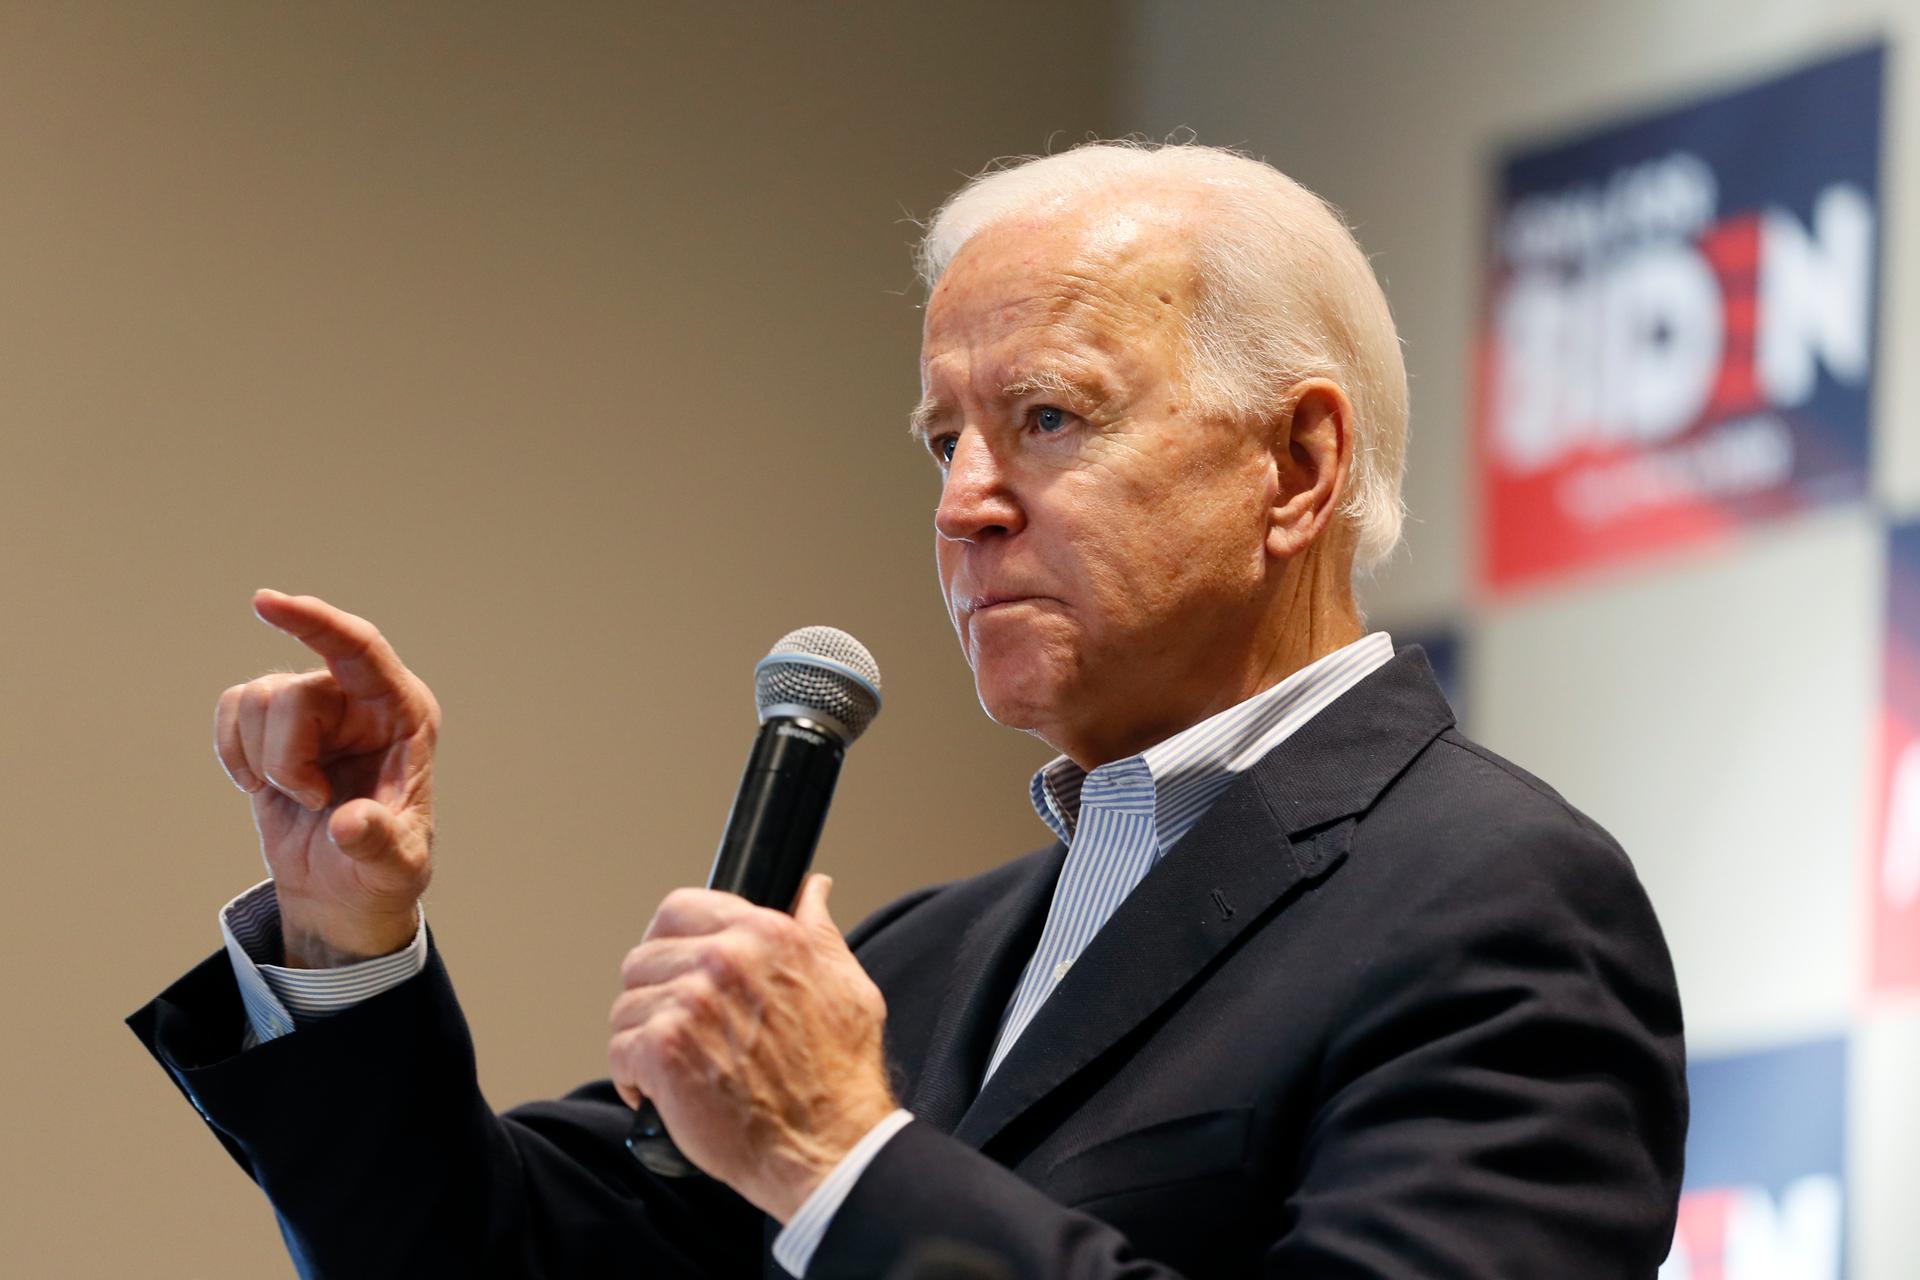 'You're a damn liar': Joe Biden's tense exchange with farmer